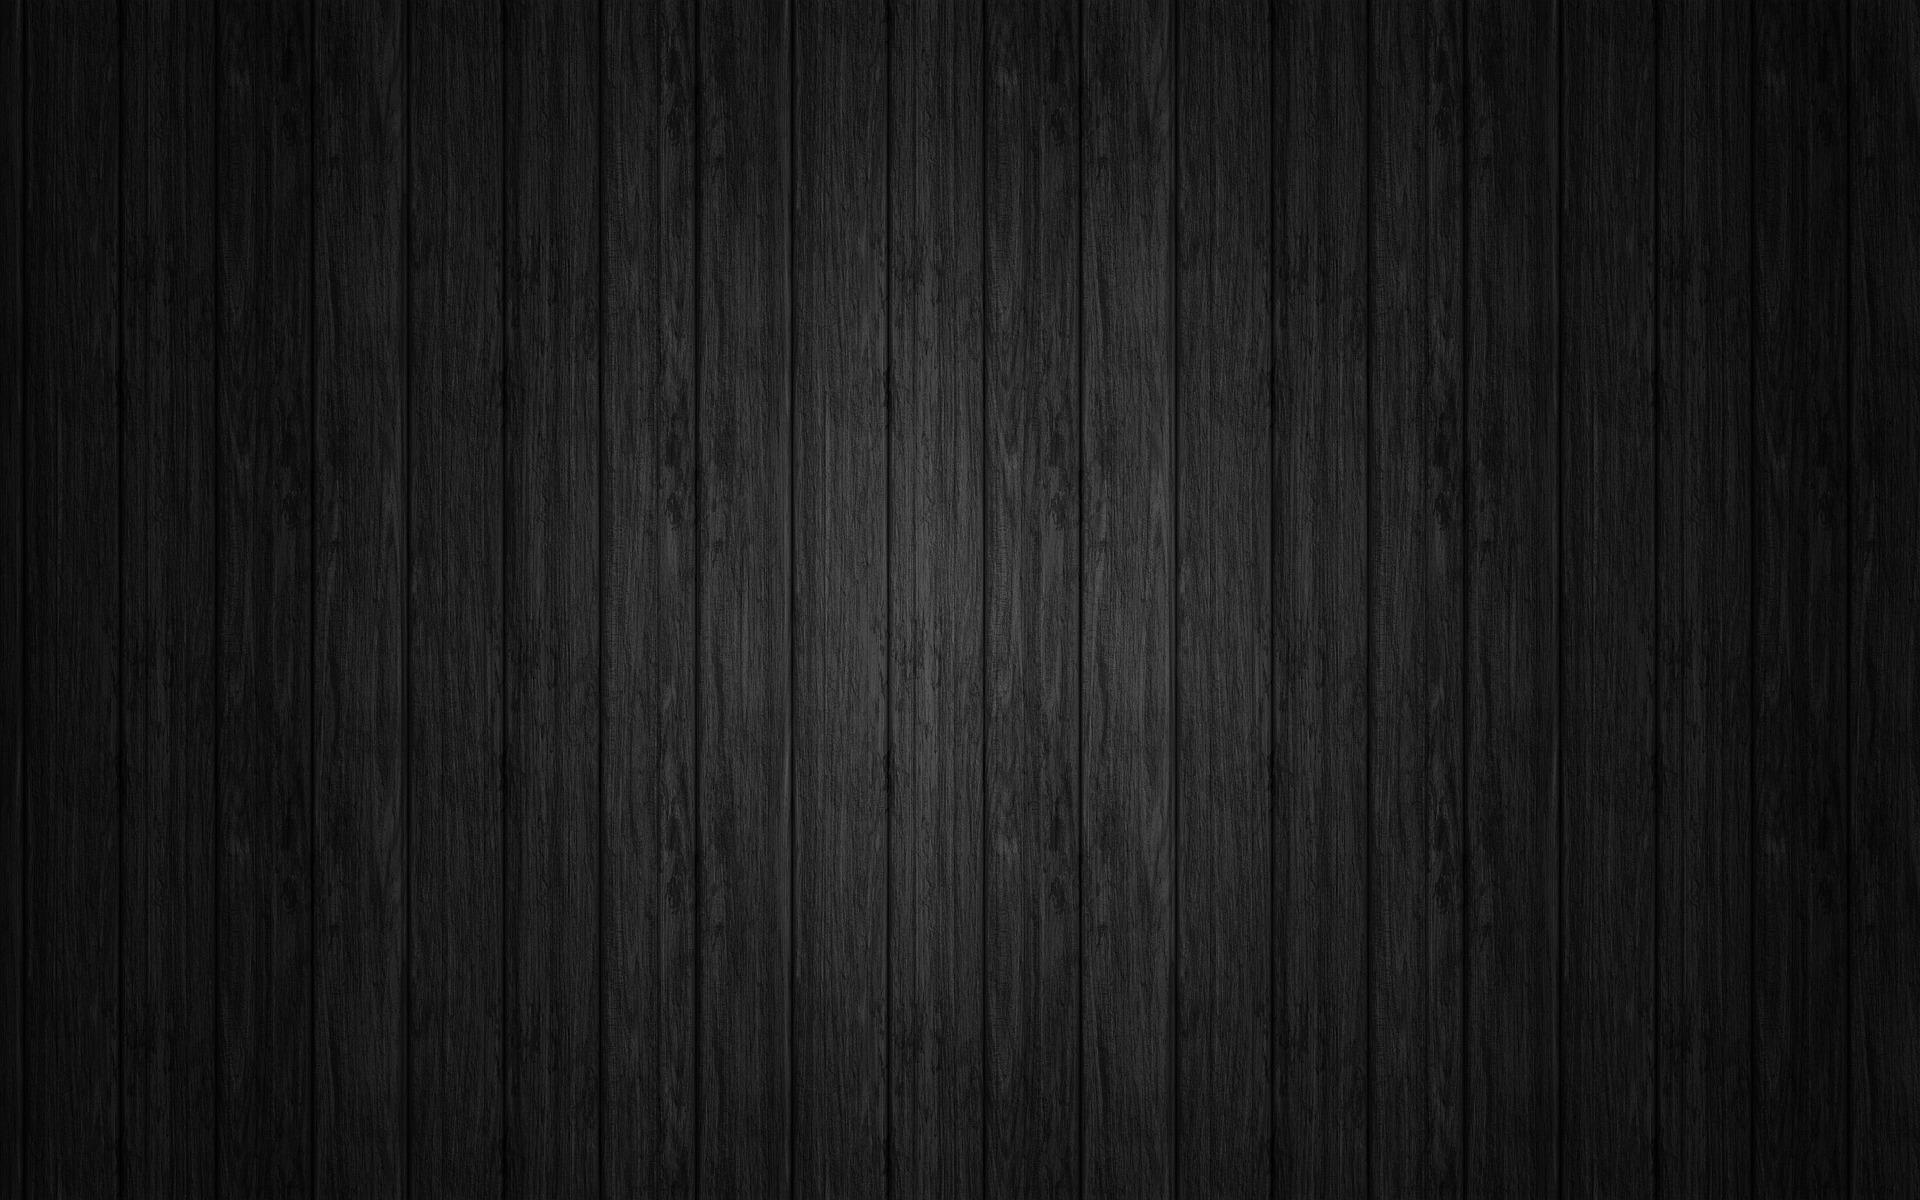 wood-1759566_1920